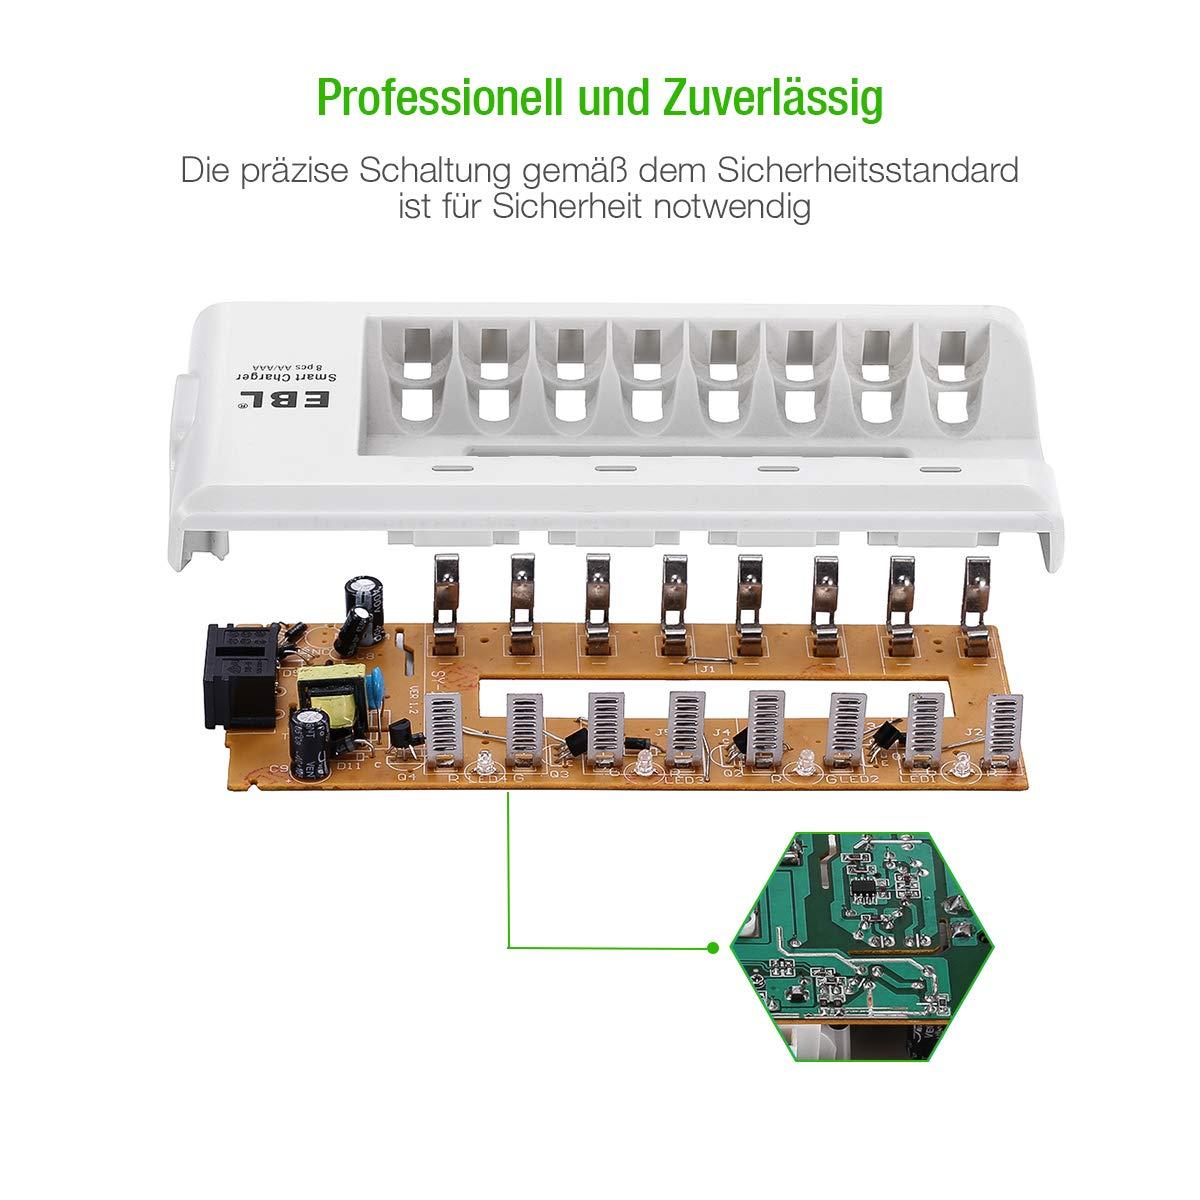 EBL 8 Stecker Akku Ladegerät mit 8 Stück 800mAh NI-MH Wiederaufladbaren Micro AAA Akkus (Ladegerät + 800mAh AAA Batterien*8)